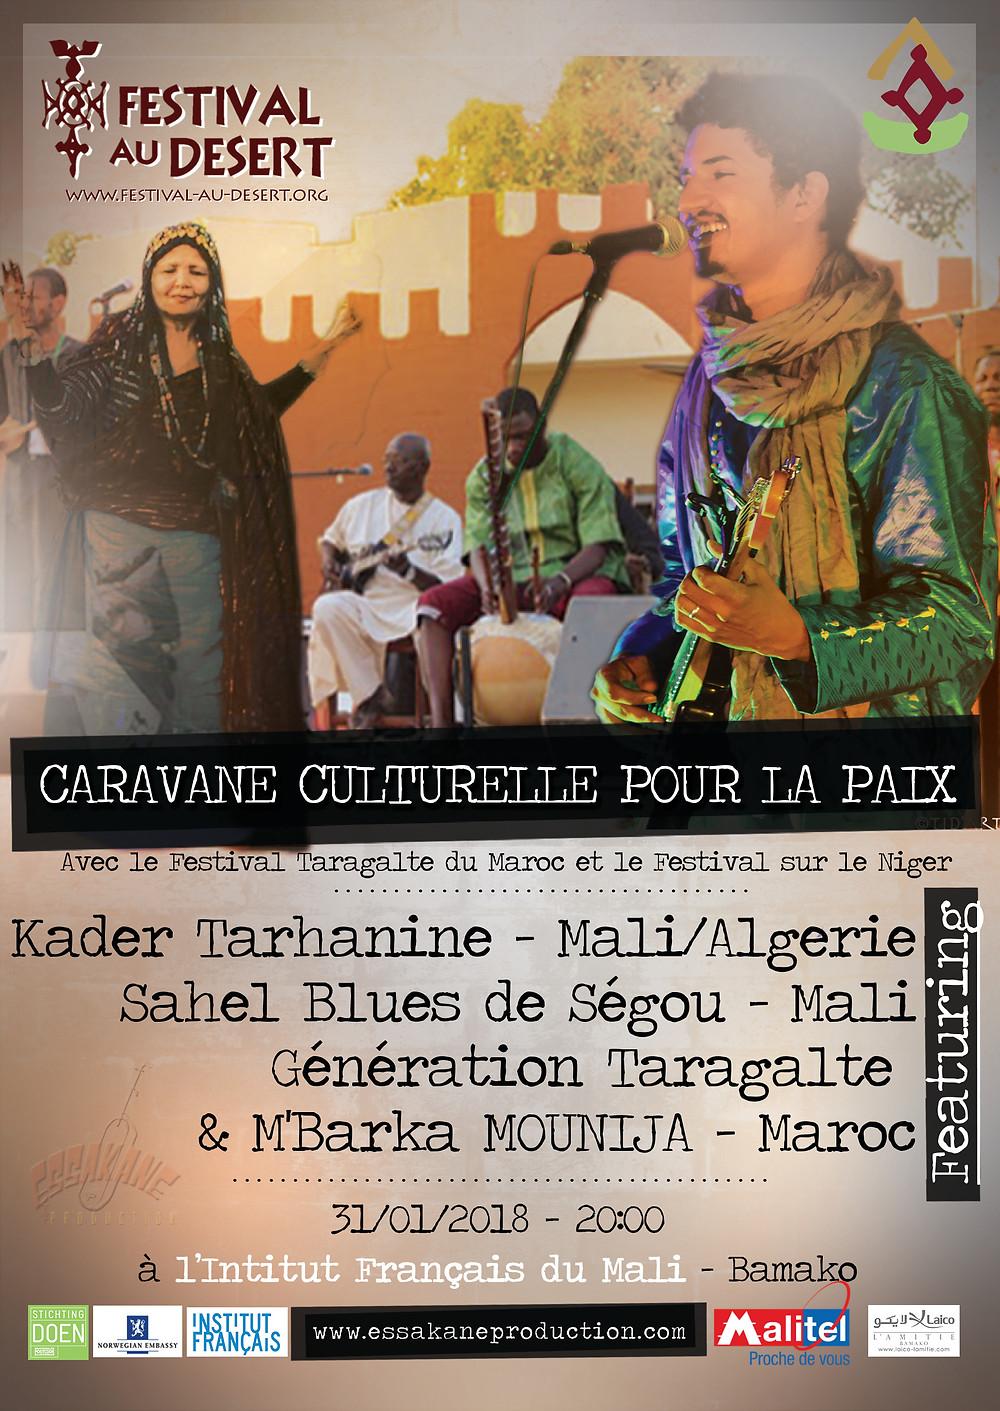 La caravane culturelle pour la paix 2018 à l'institut Français de Bamako